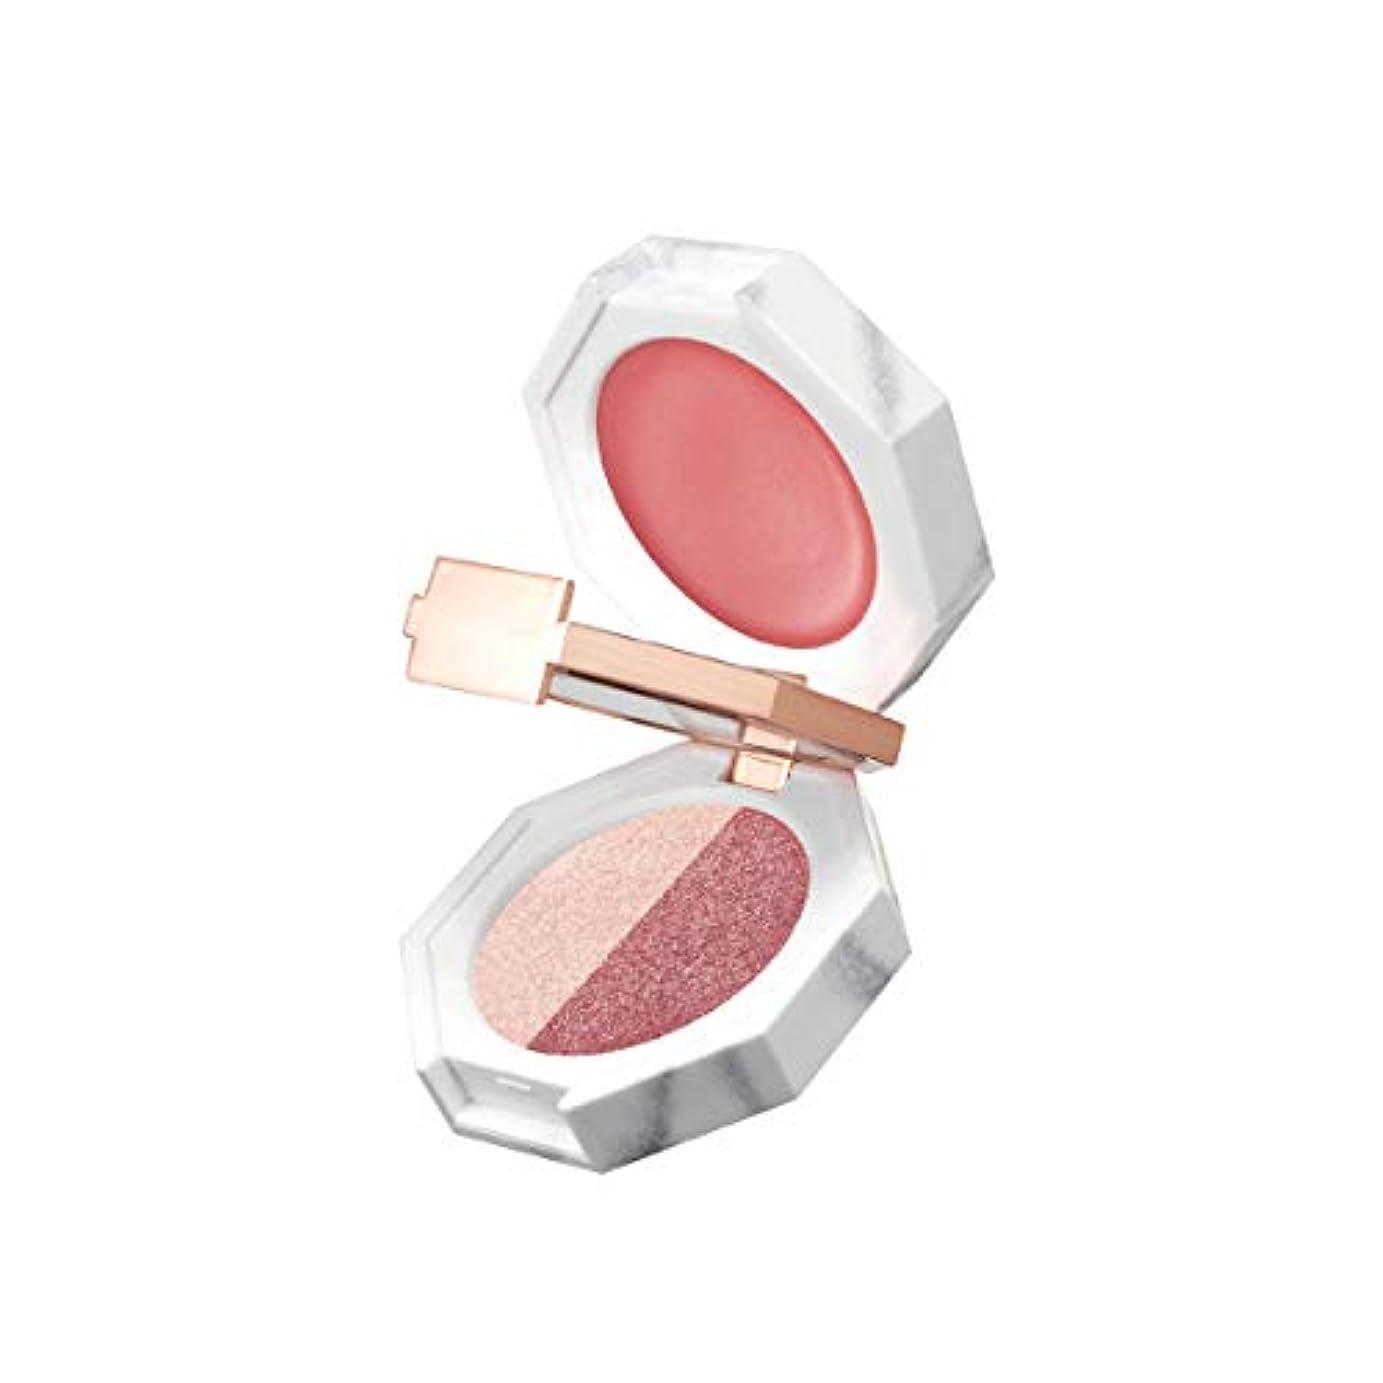 申請者ライターあえて[ディアダリア]Dear Dahlia パラダイスデュアルパレット ストロベリーディライト 海外直商品 Paradise Dual Palette (Strawberry Crush)